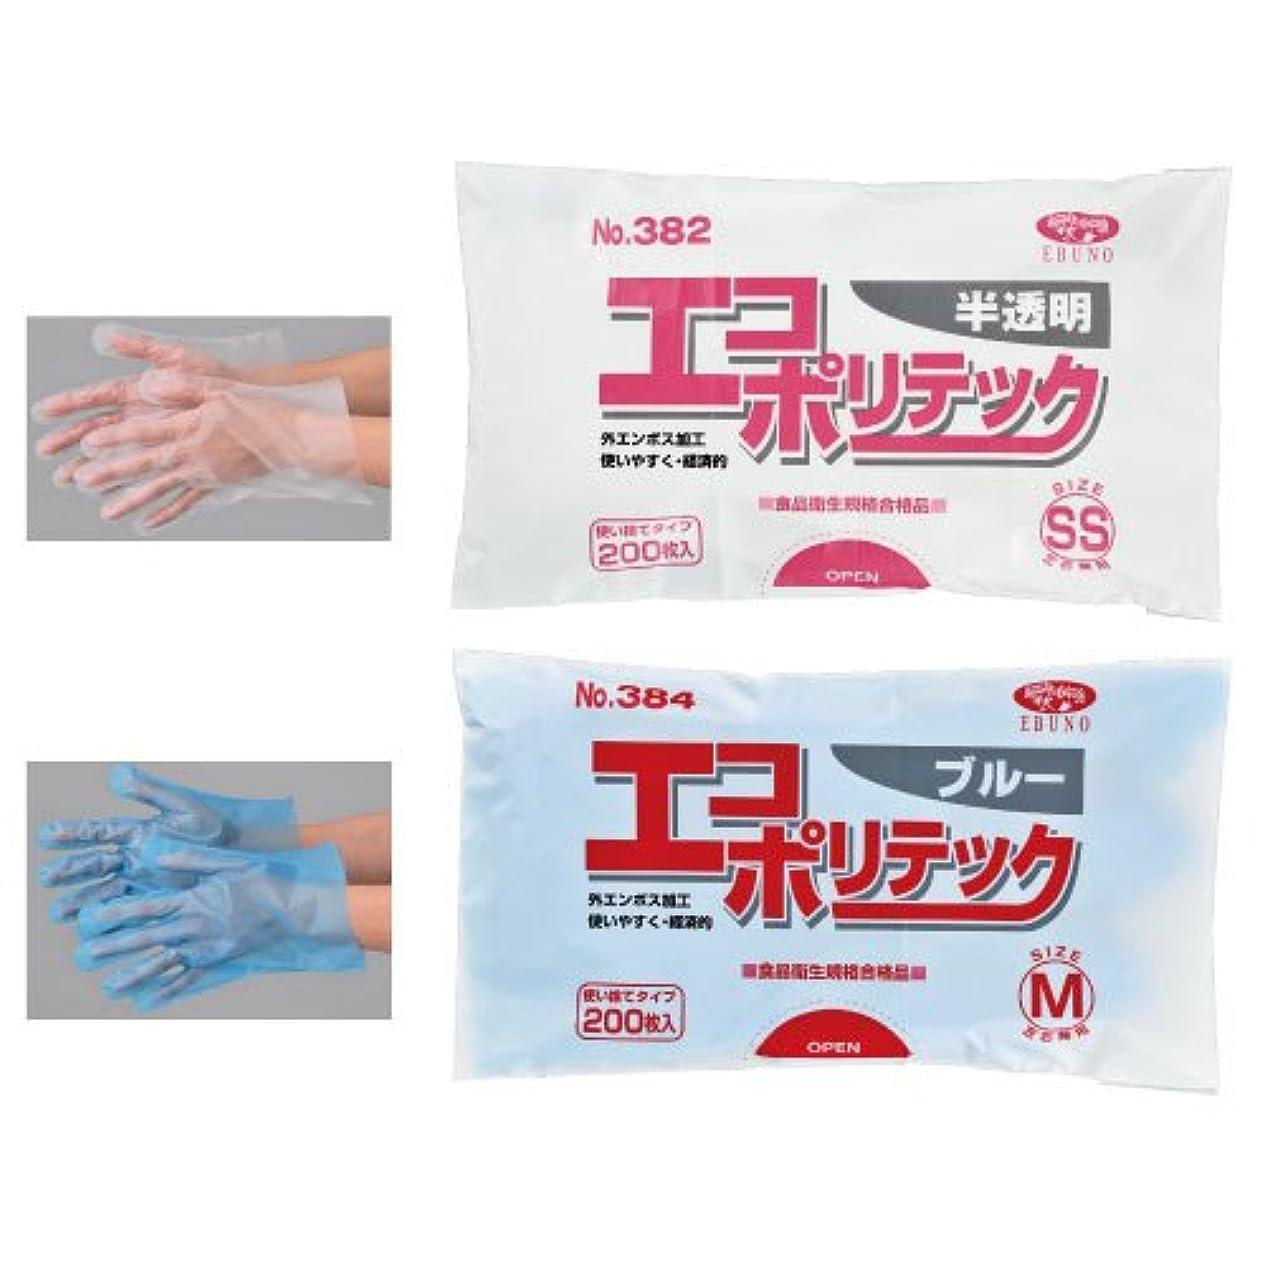 トレイル論争の的油エブノ ポリエチレン手袋 No.382 S 半透明 (200枚×30袋) エコポリテック 袋入